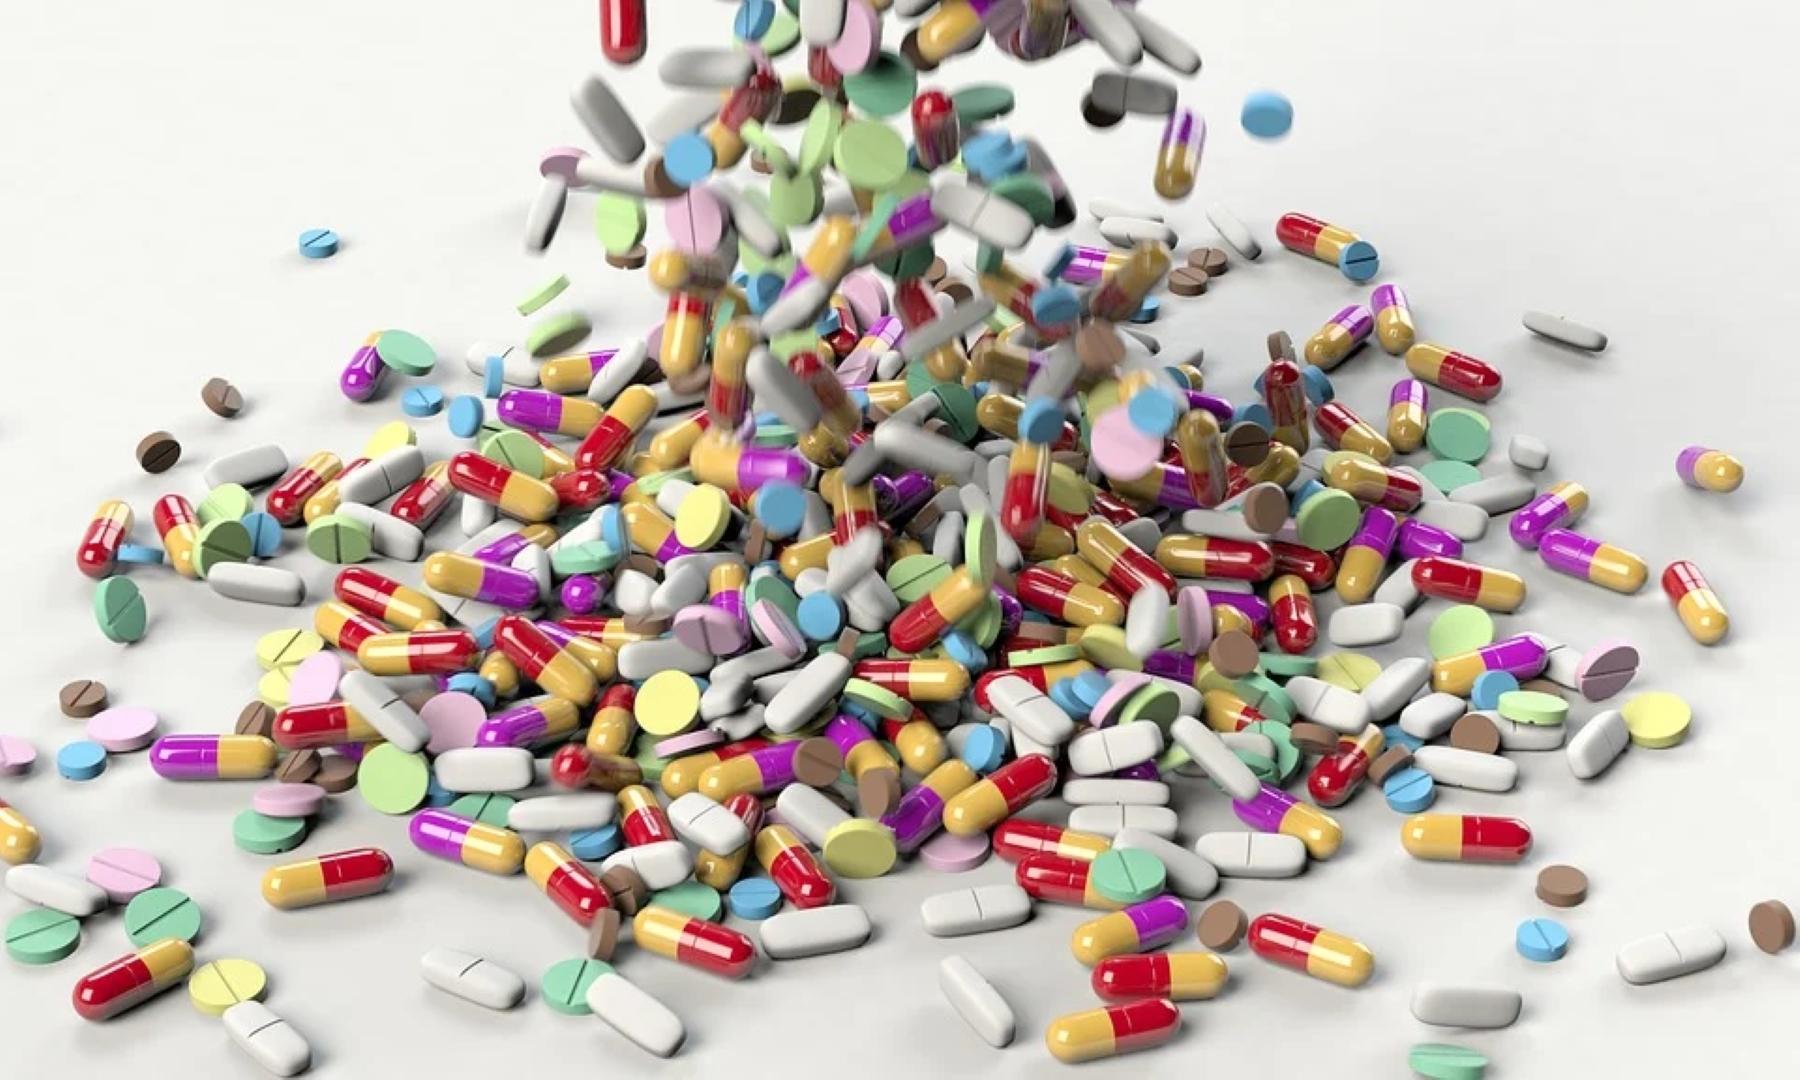 produkty obniżające cukier